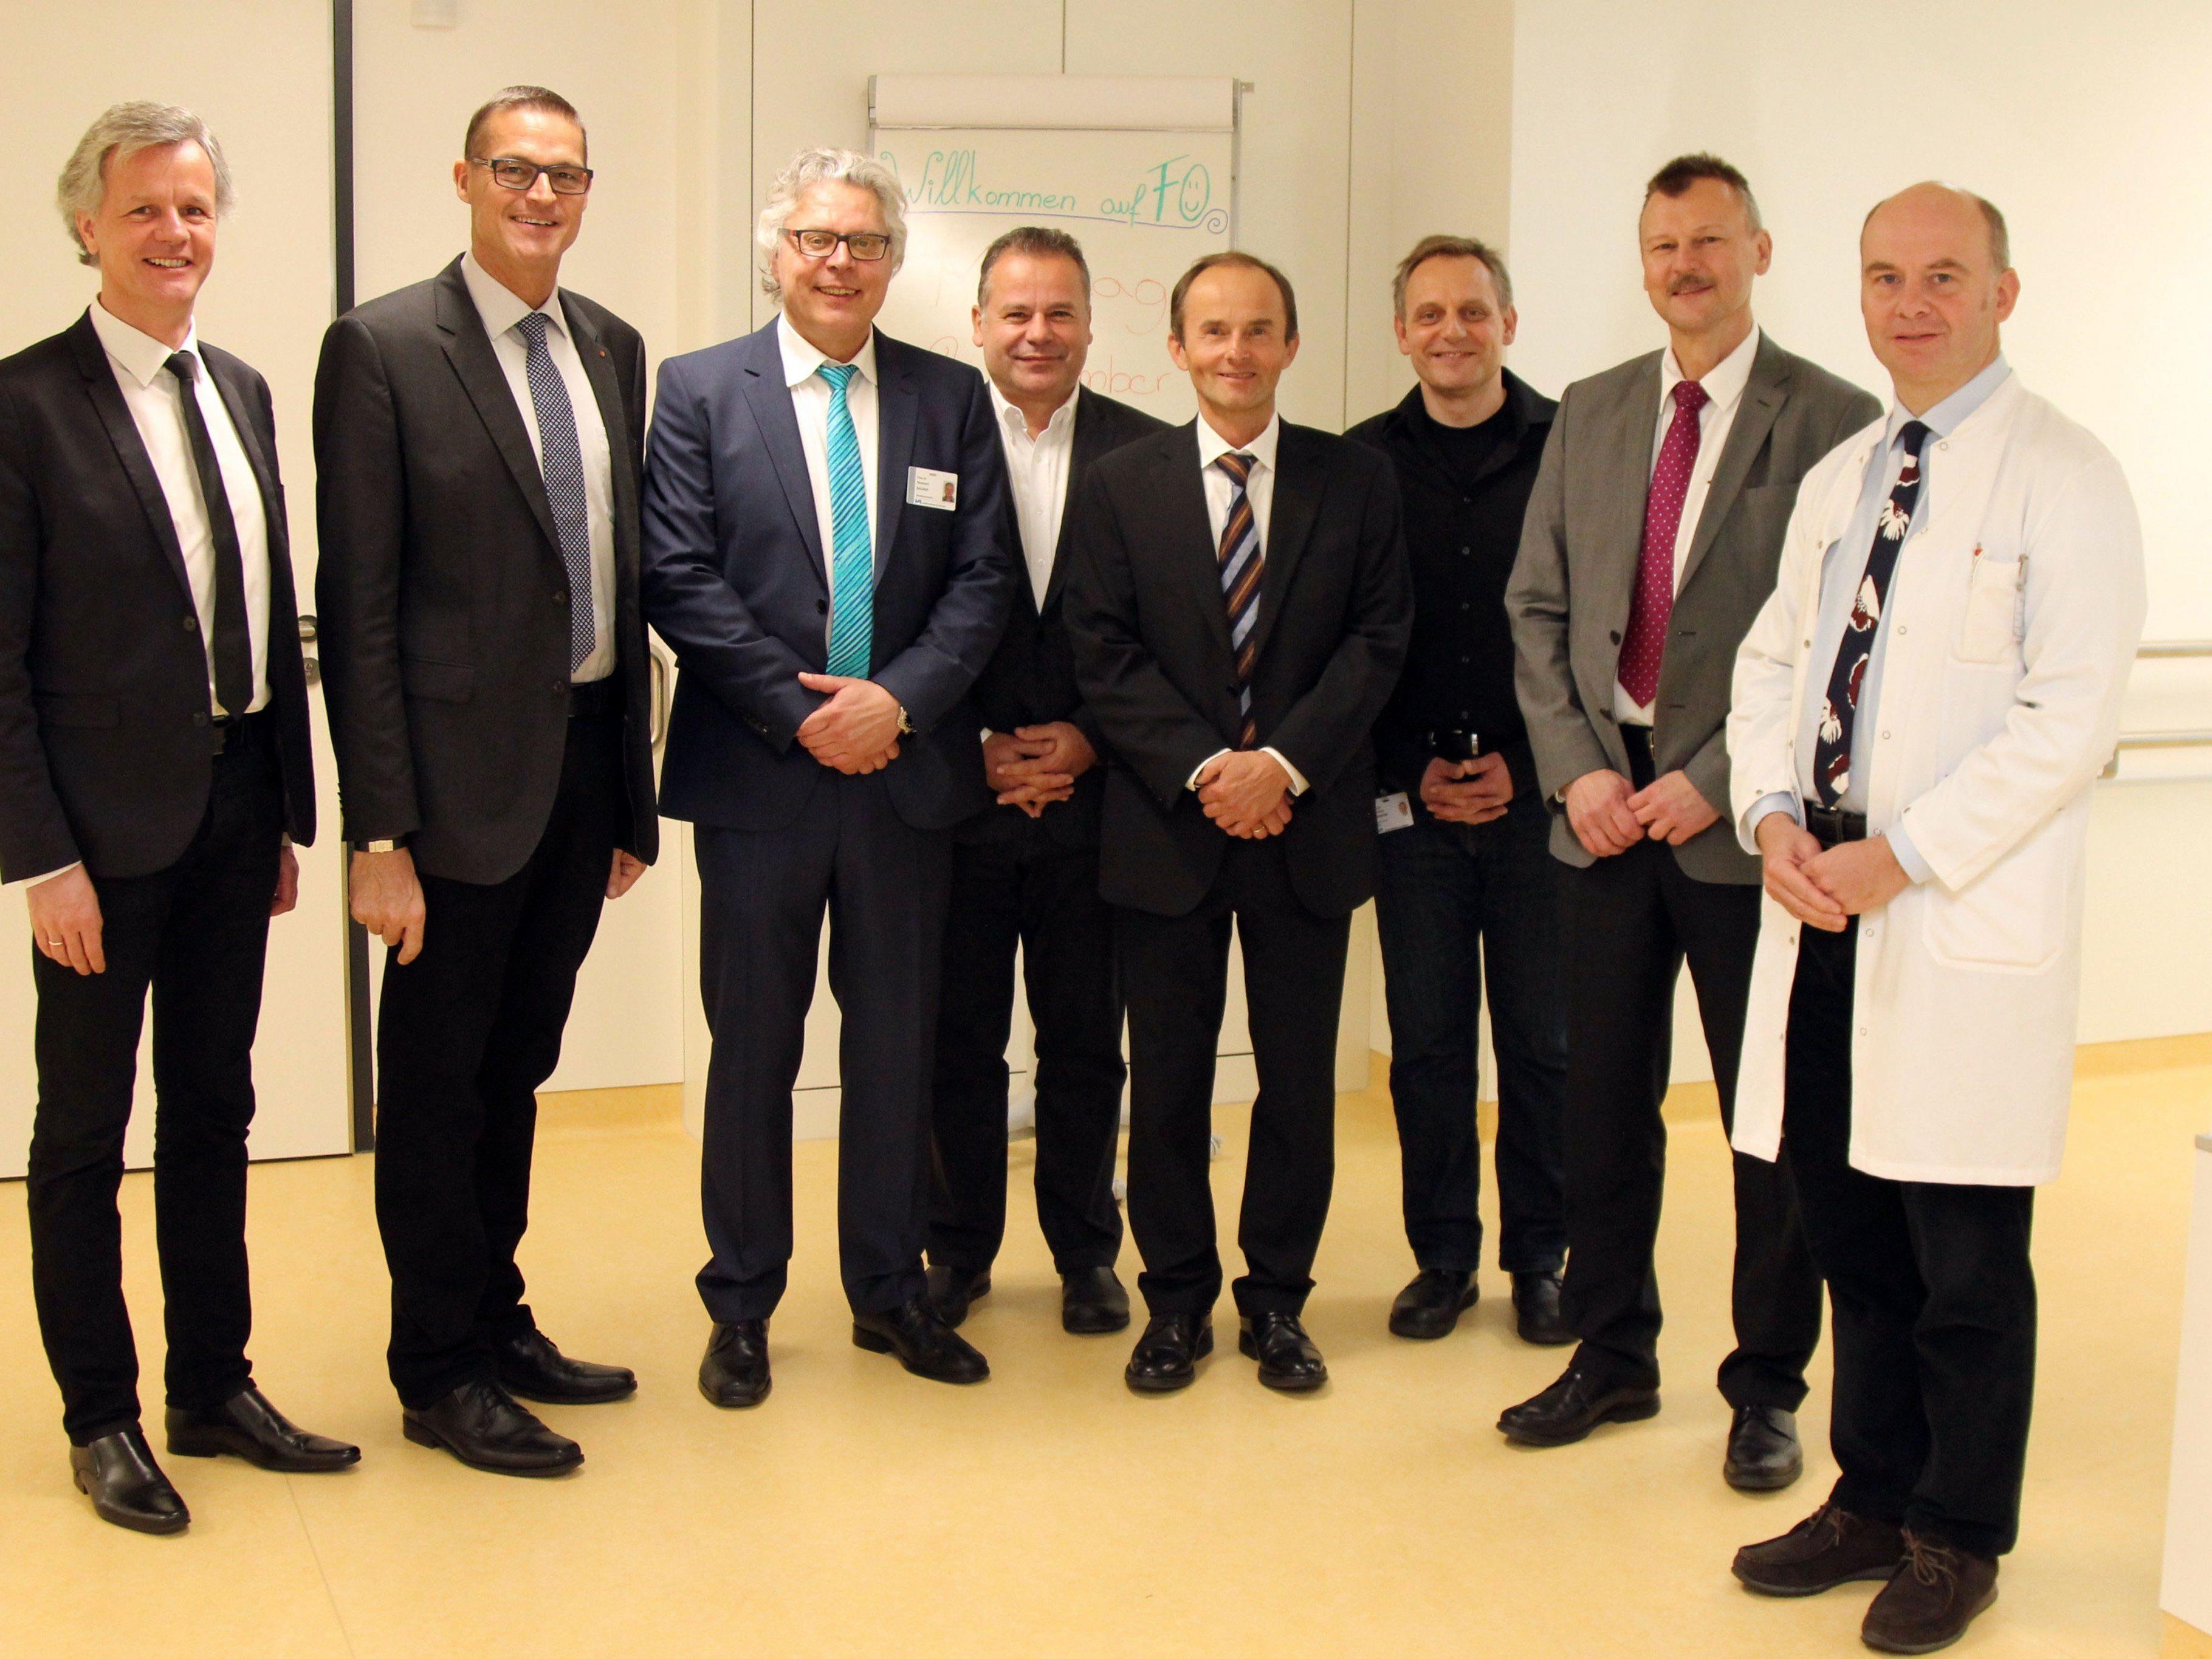 Die LKH Rankweil Verantwortlichen eröffneten die neue Station der Gerontopsychiatrie, welche speziell für die Bedürfnisse der älteren Patienten adaptiert wurde.